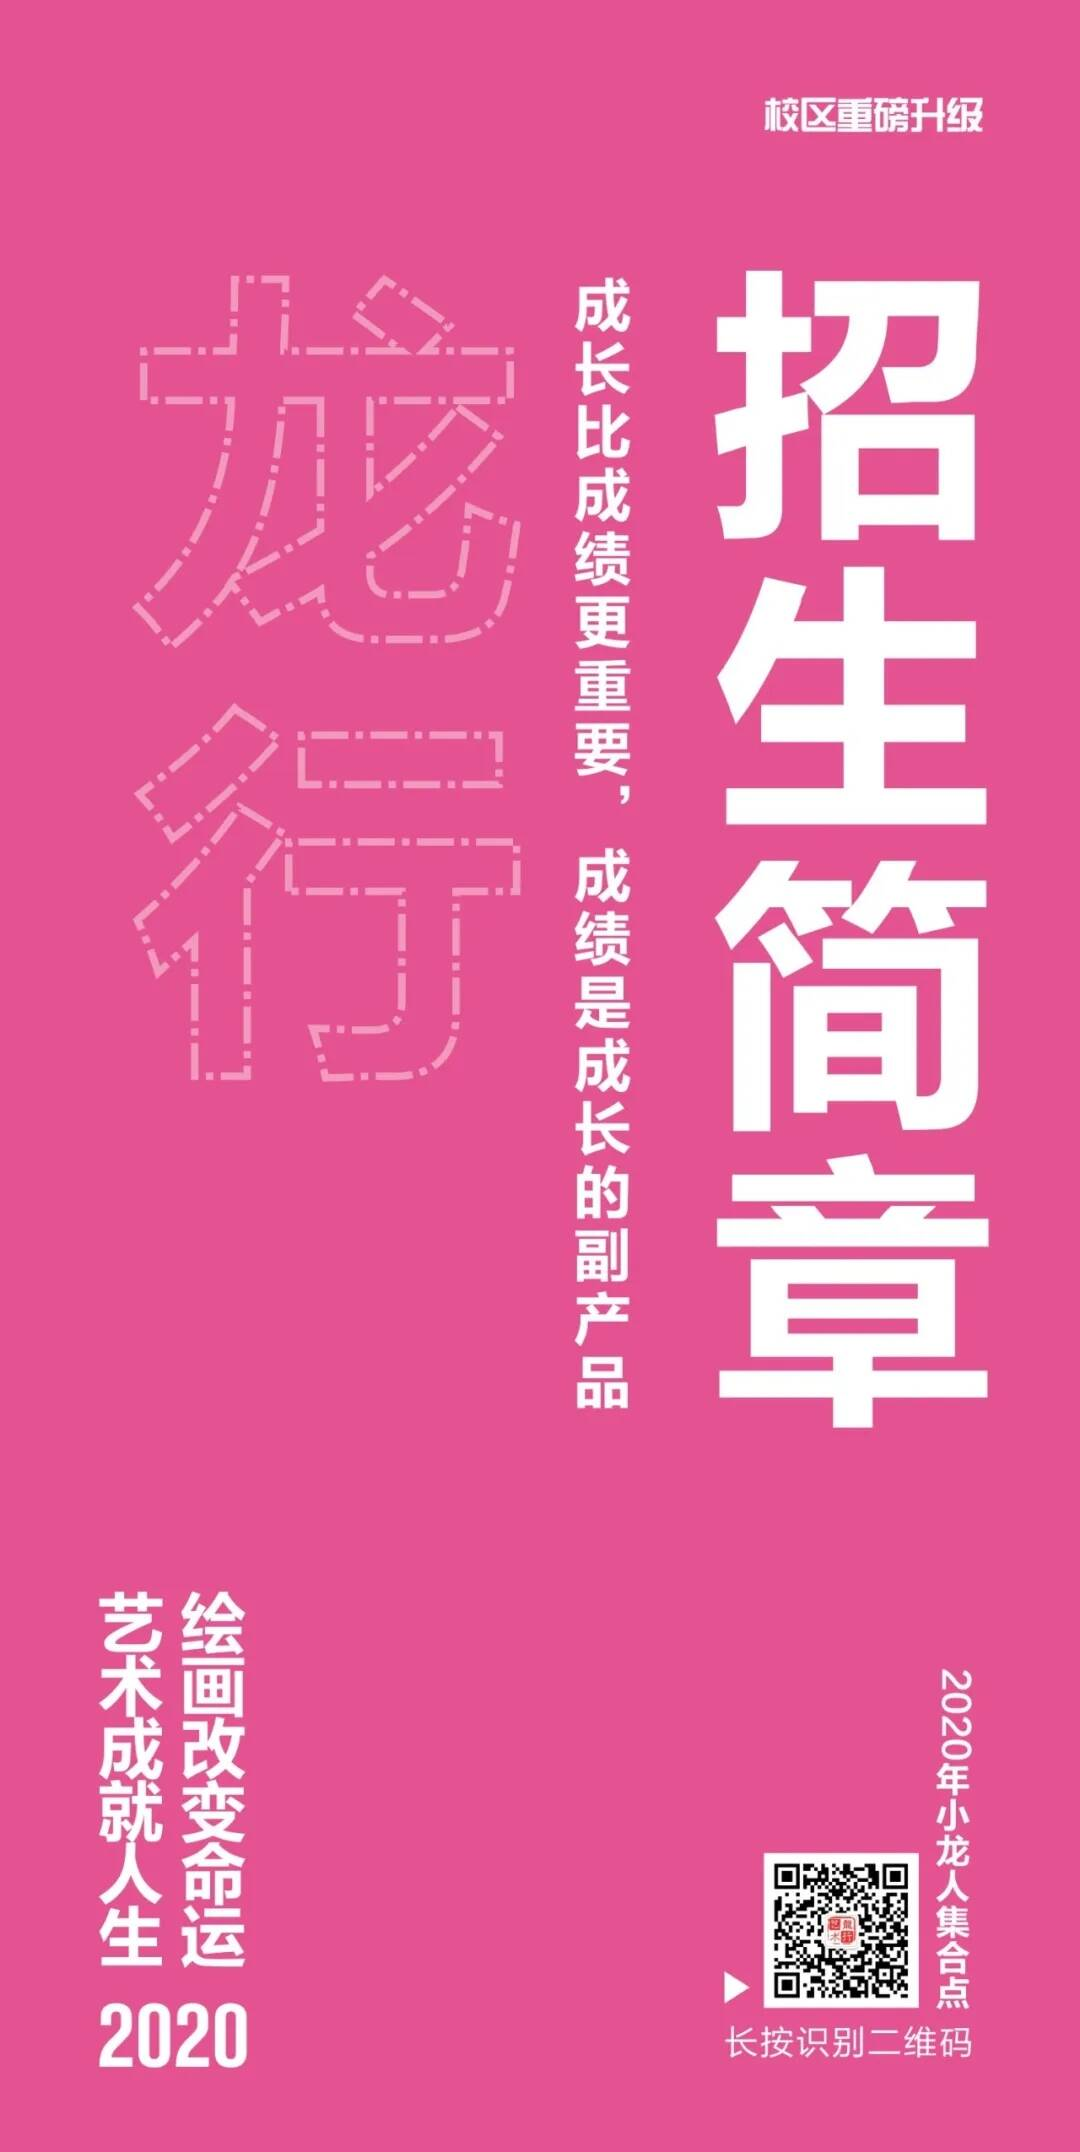 重庆十大画室,重庆美术集训01